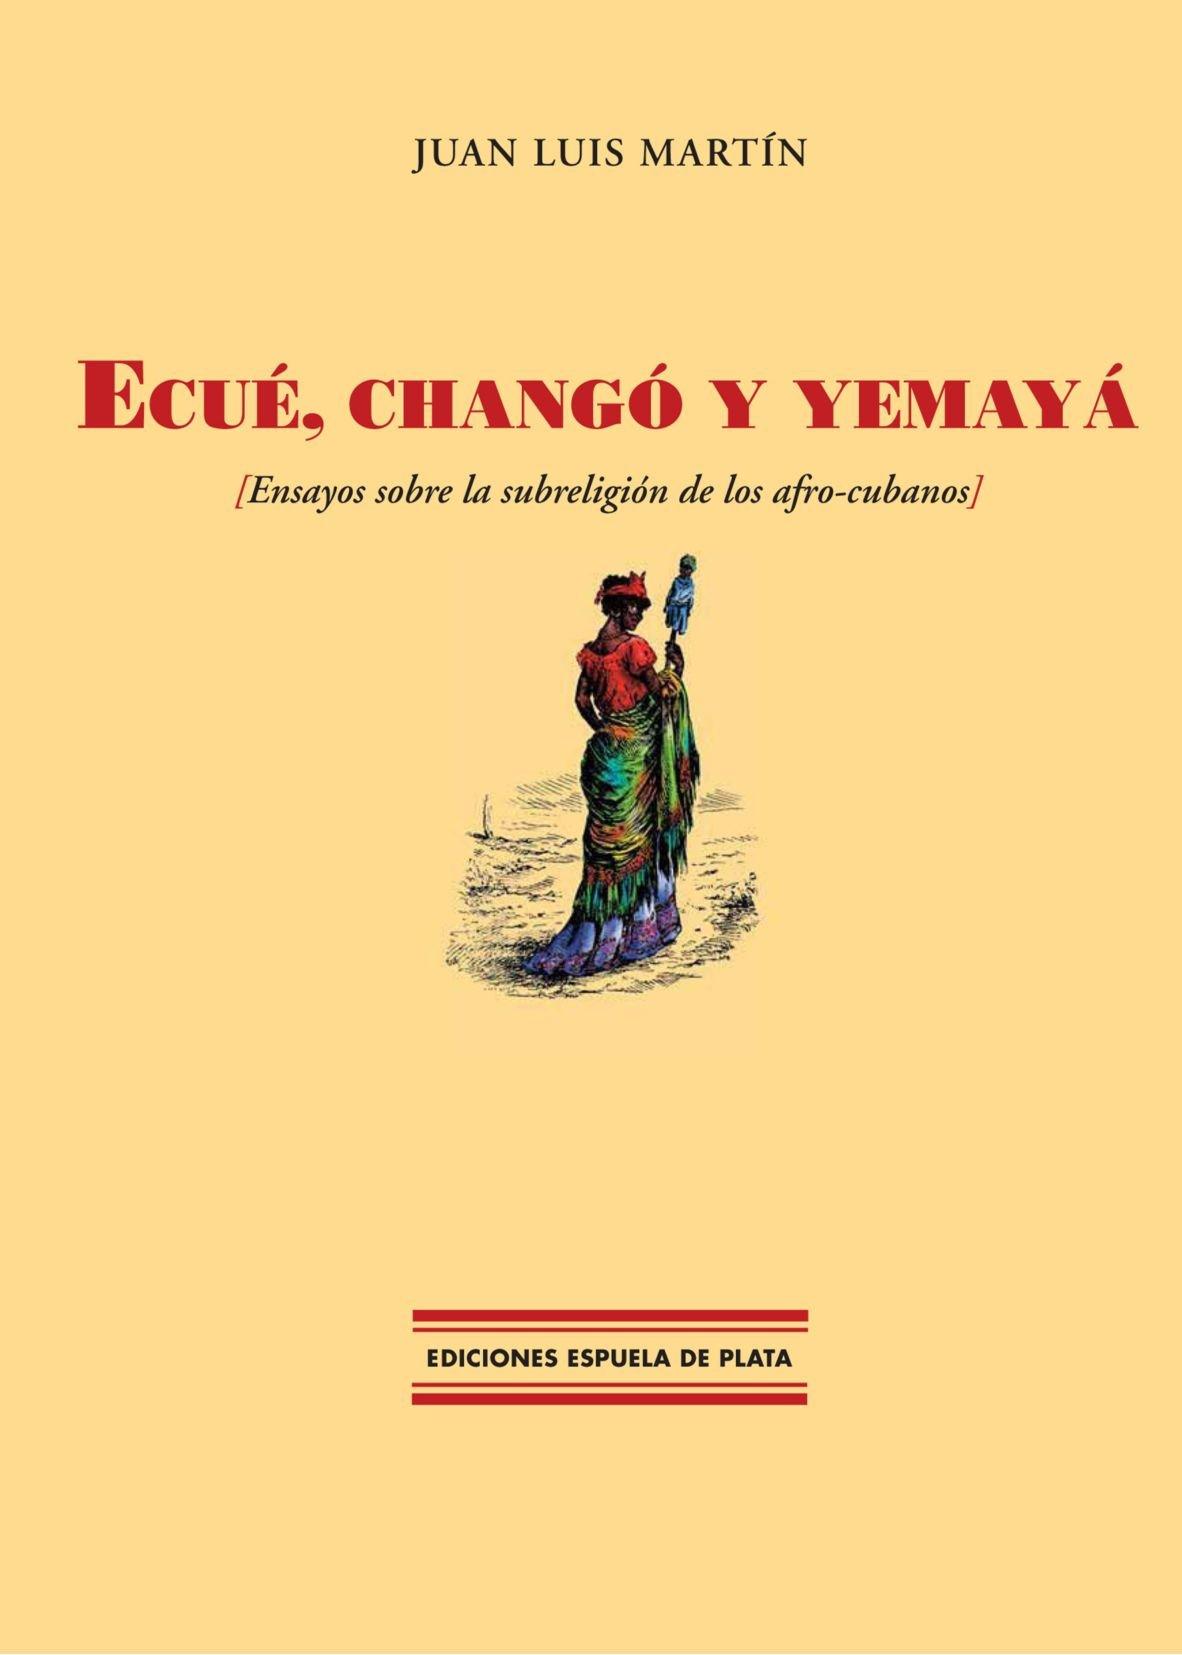 Ecue, Chango y Yemaya: Ensayos Sobre la Subreligion de los Afro-Cubanos (Spanish Edition) pdf epub